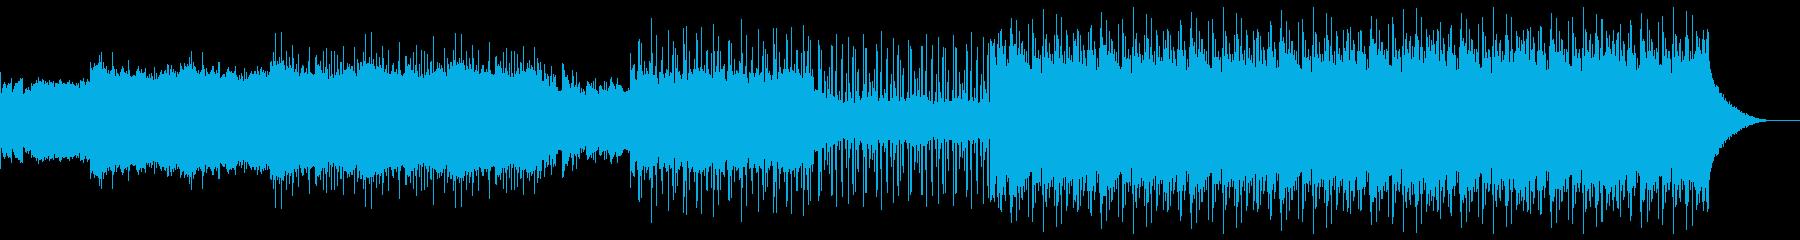 おぼろげな煌きの再生済みの波形